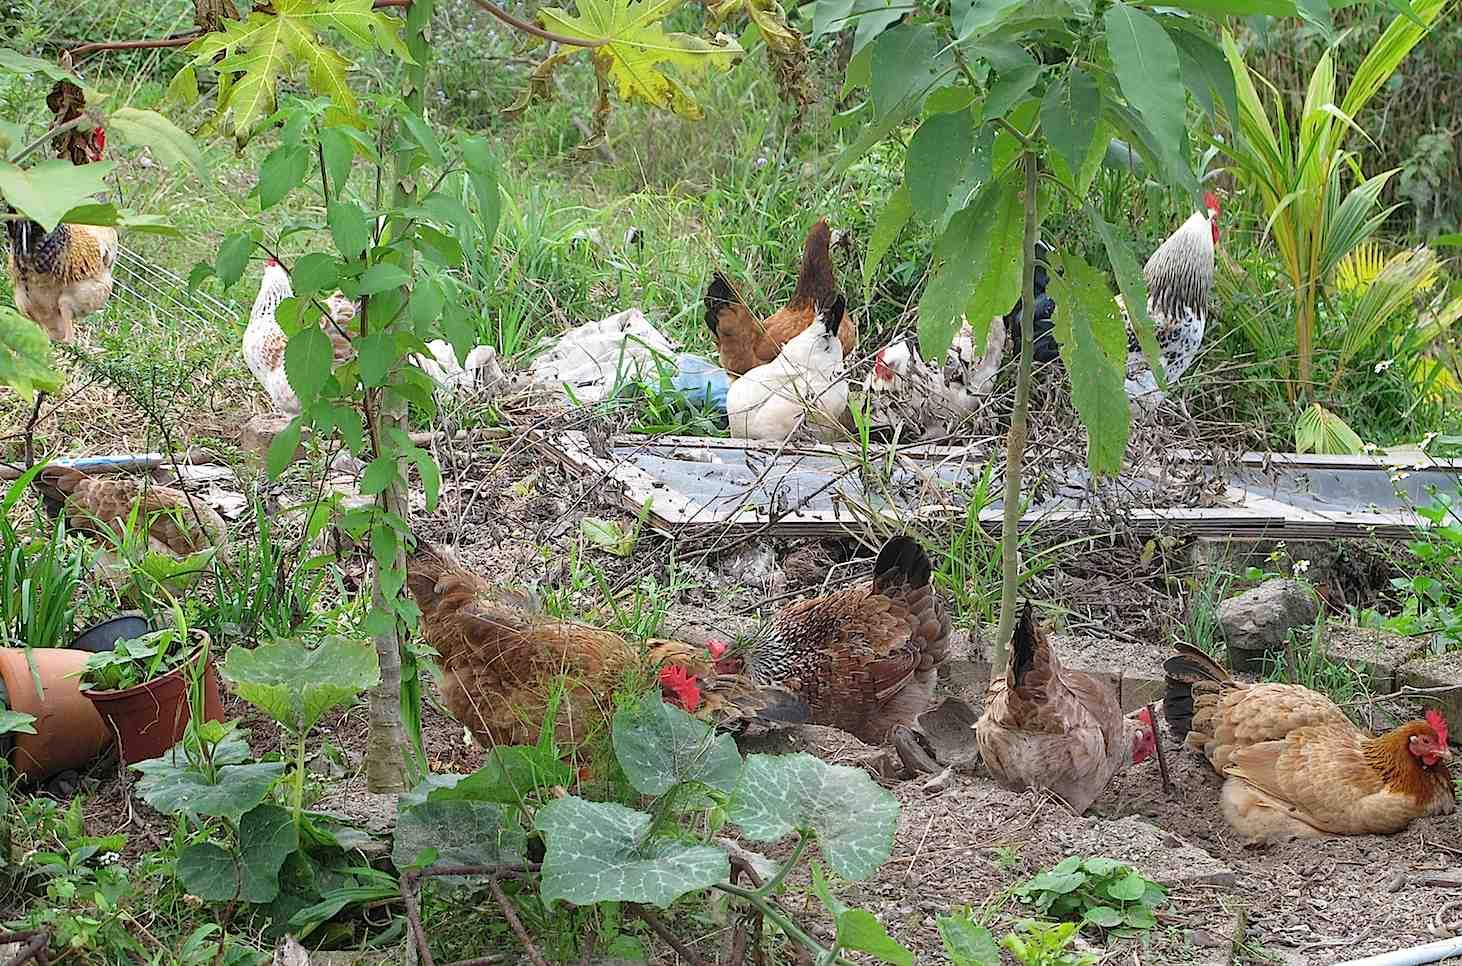 Des jardins et des poules for Au jardin de la nymphe bleue